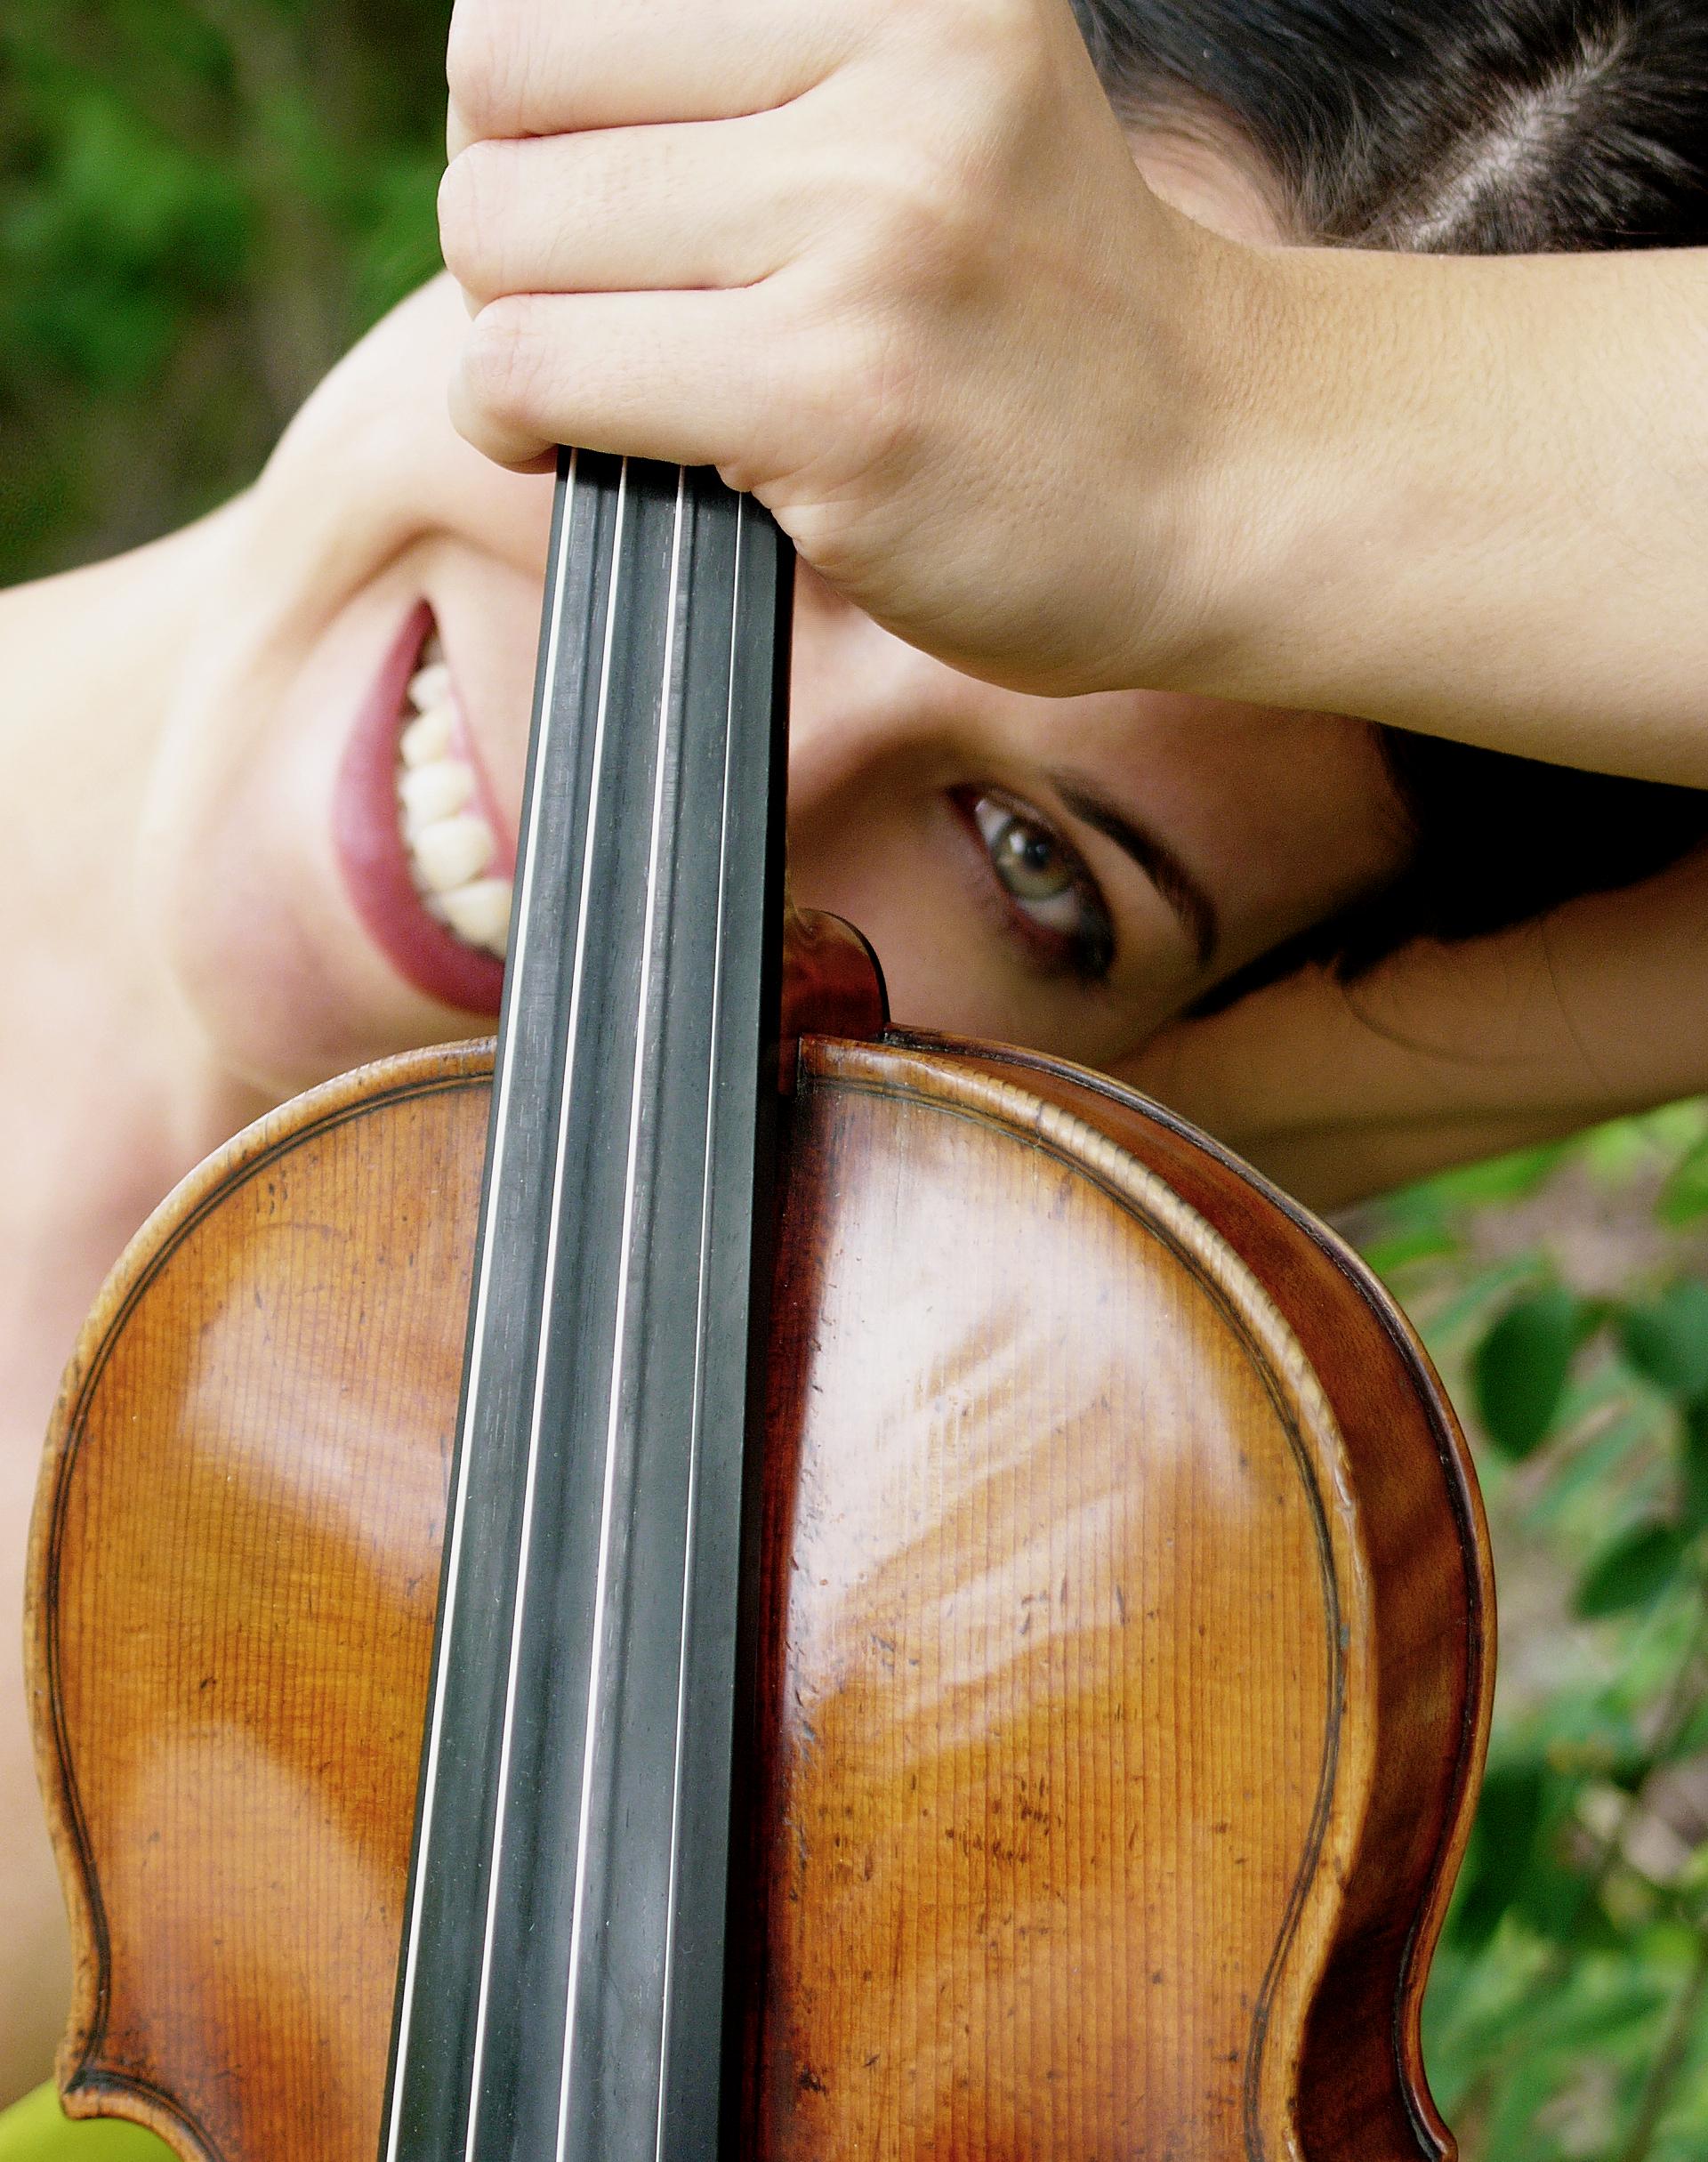 Jennifer Frautschi 3_Lisa-Marie Mazzucco